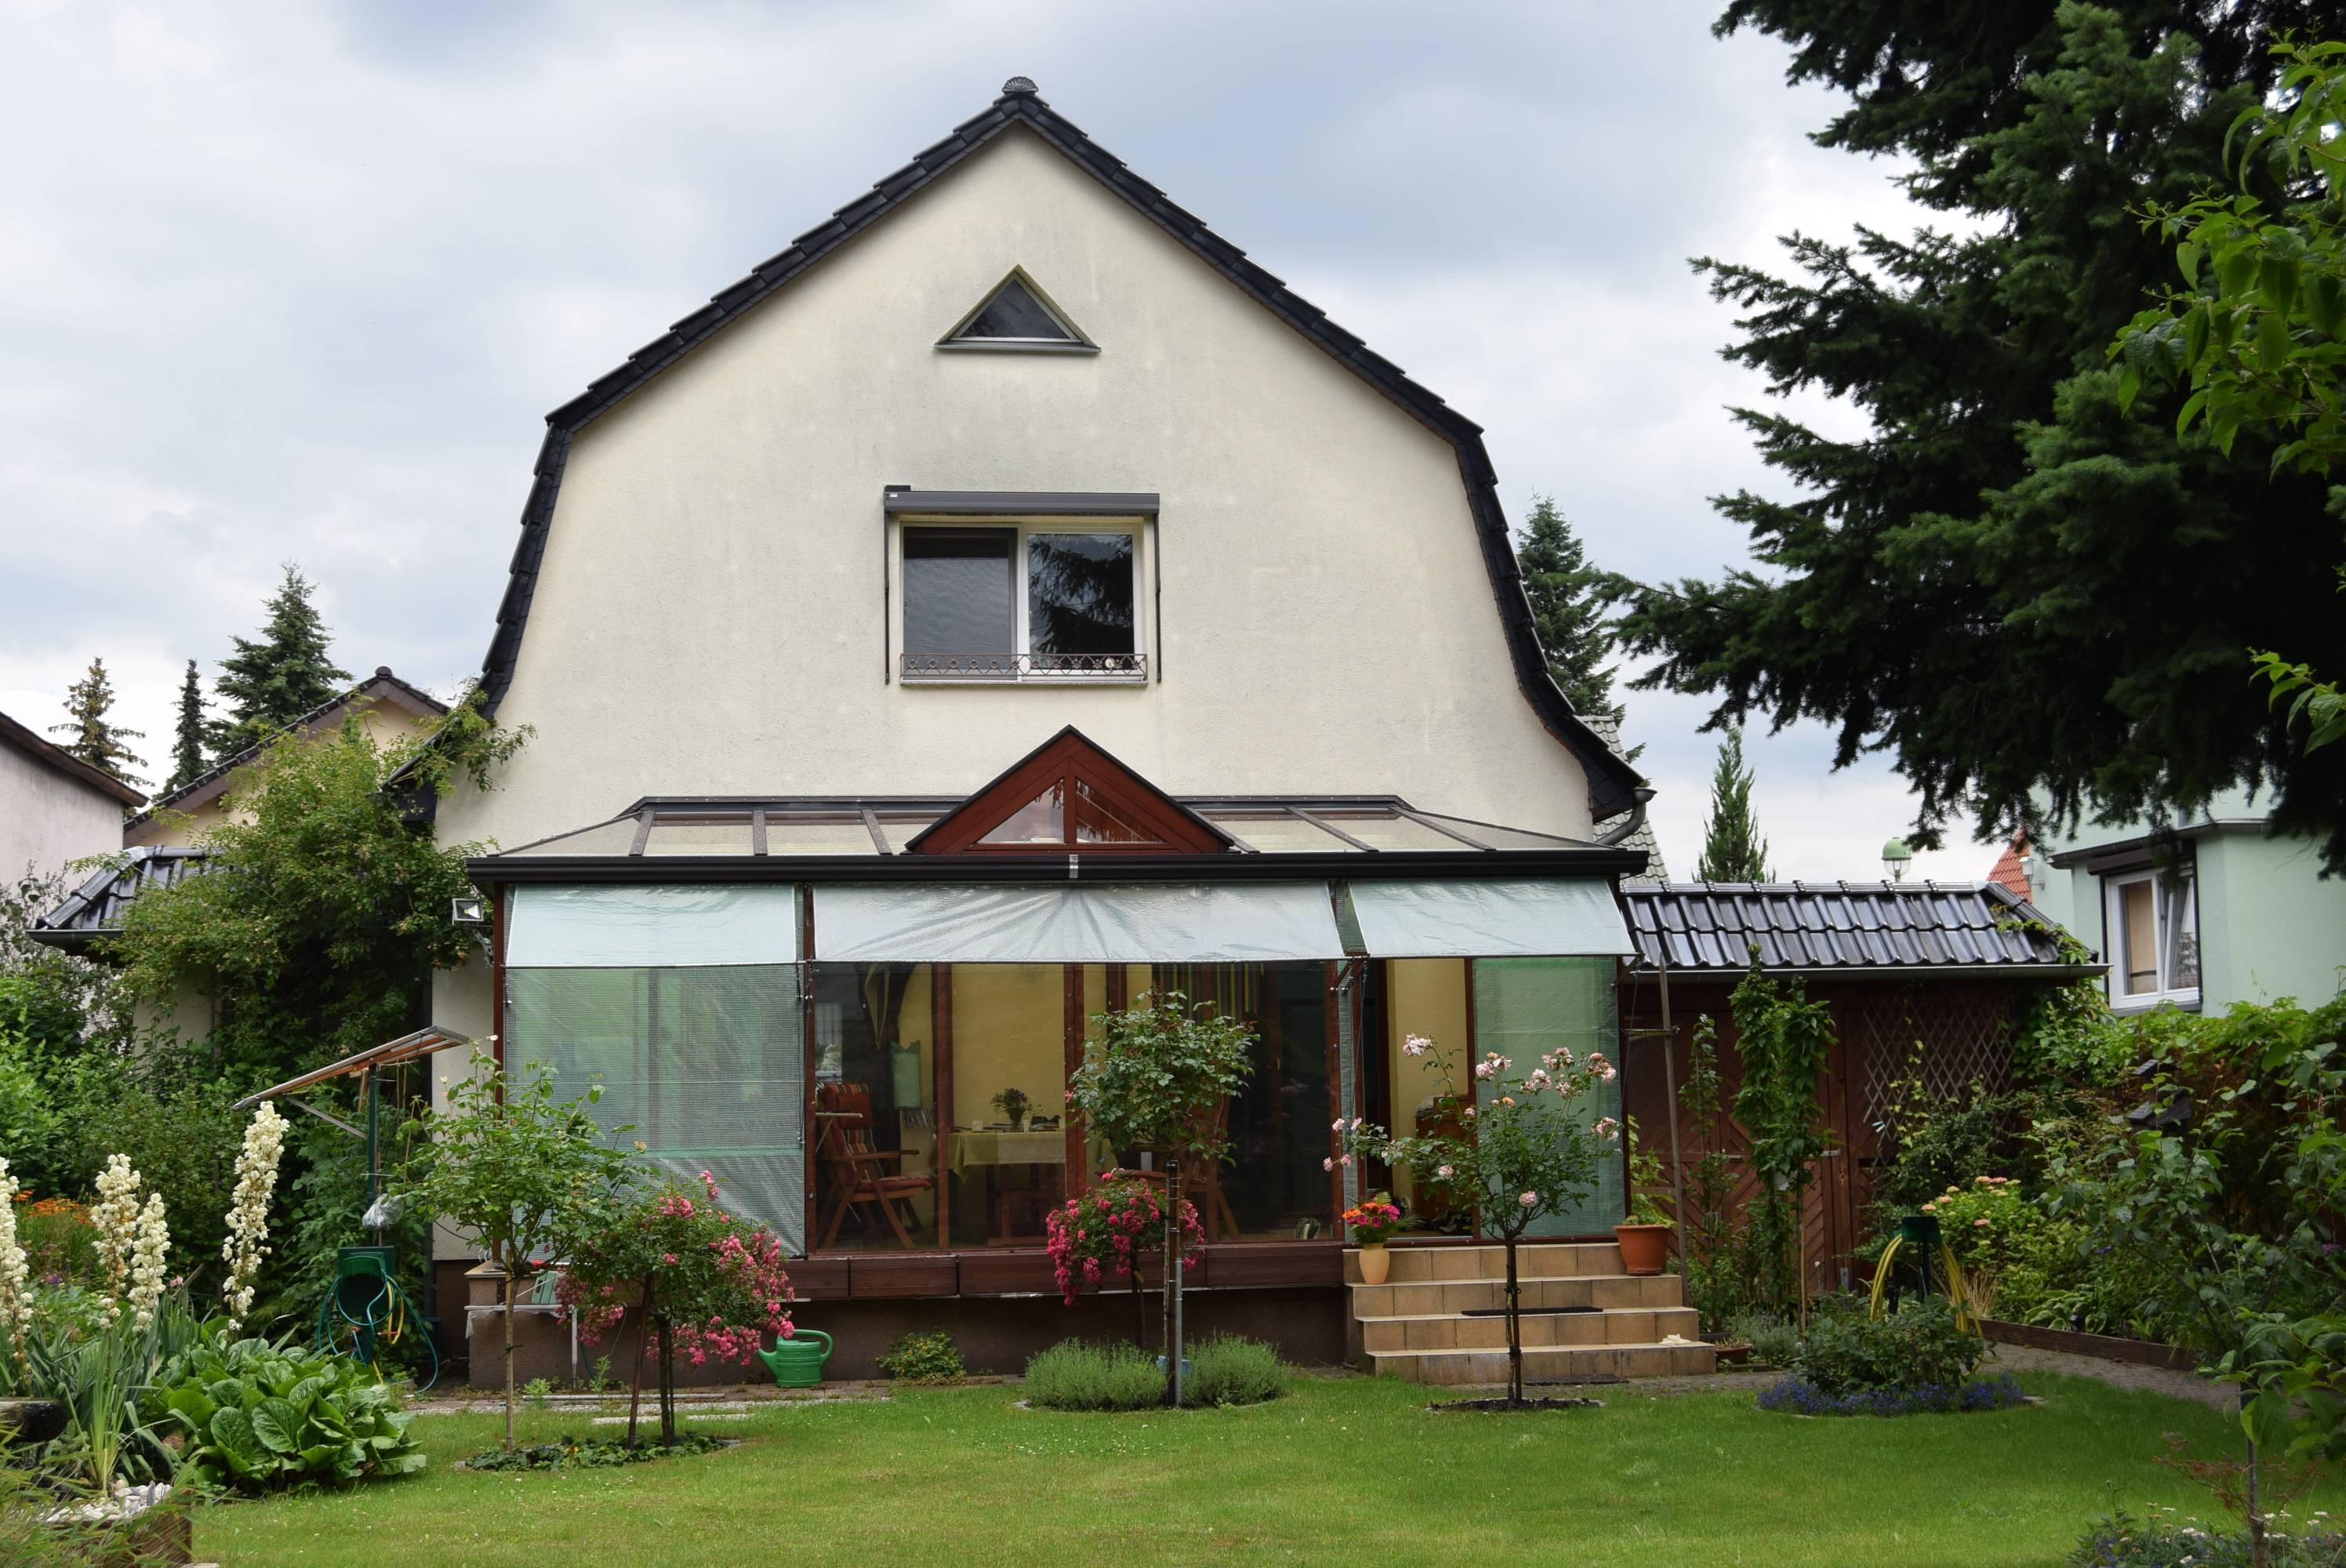 Verkauf Einfamilienhaus Friedrichsfelde